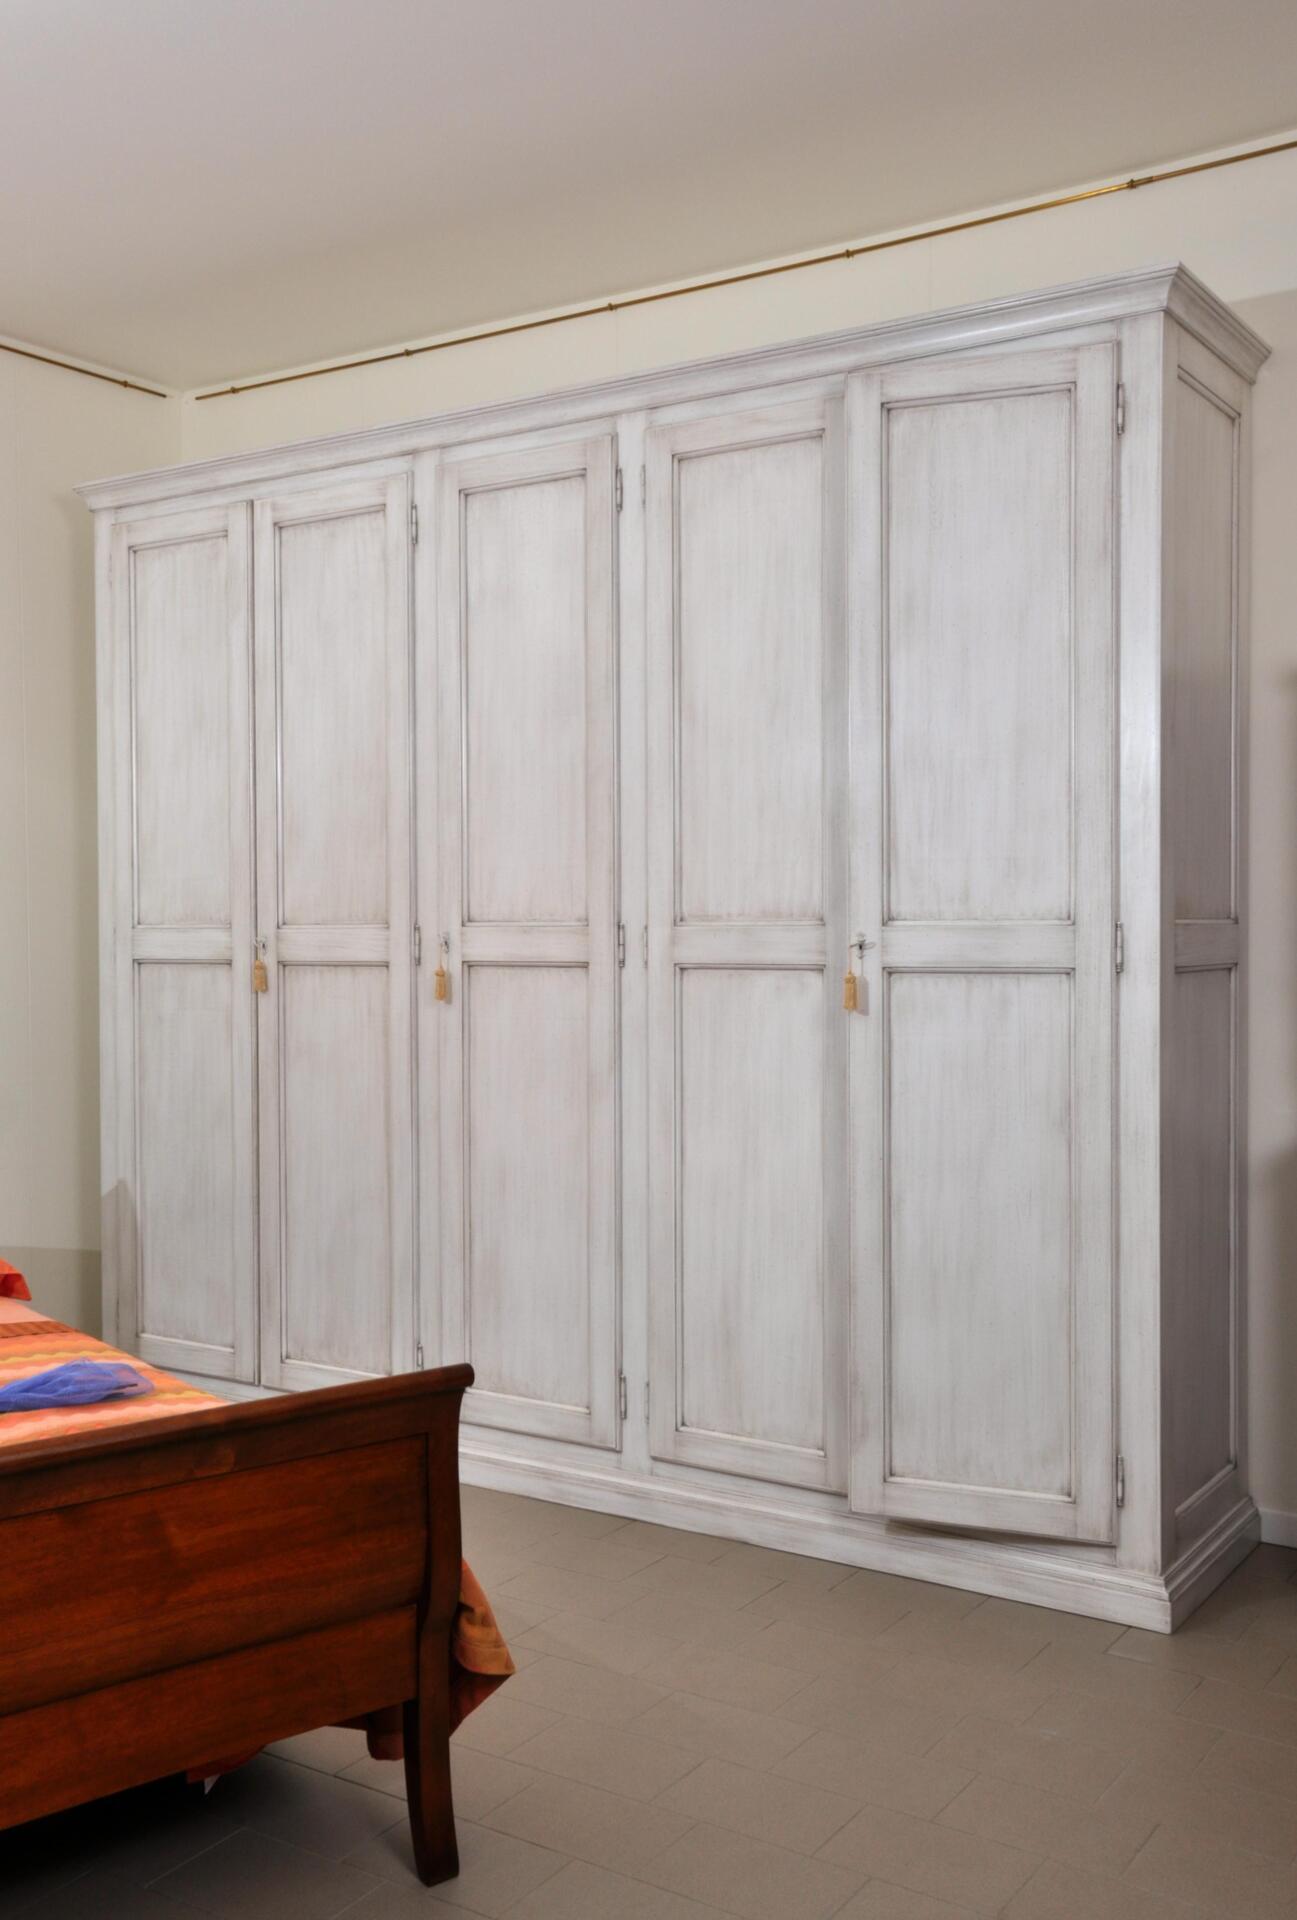 Armadio da camera di grandi dimensioni laccato bianco - Mobili legno bianco anticato ...